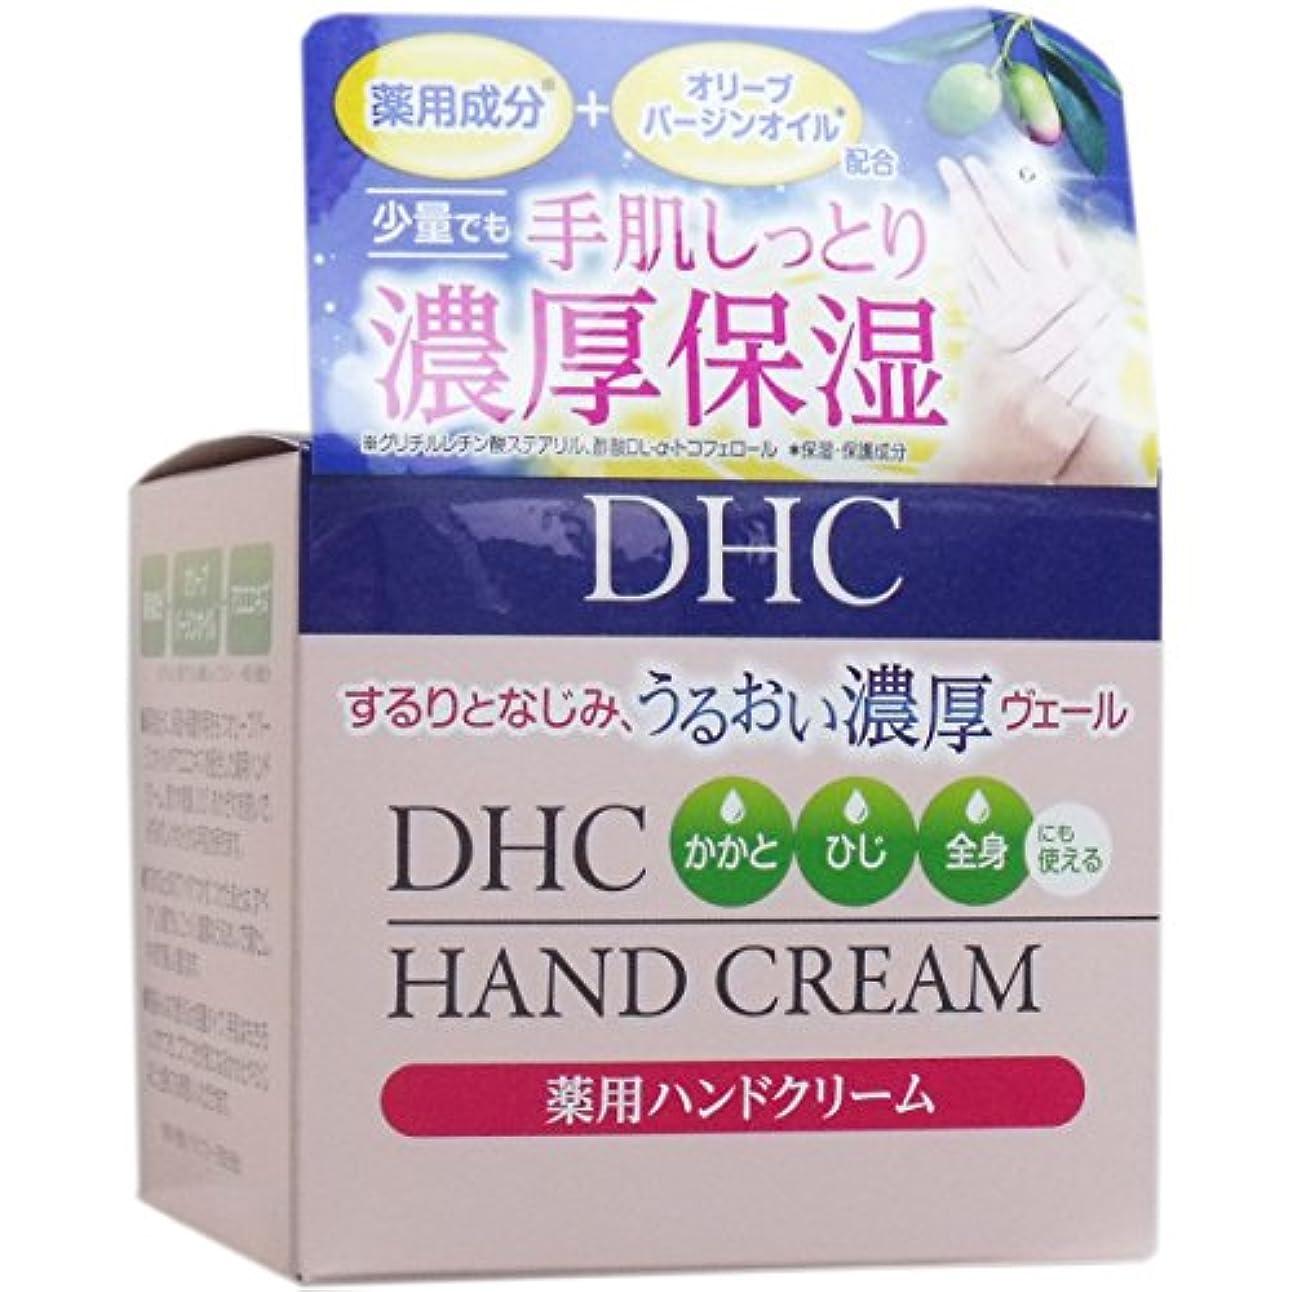 比喩先史時代の反対した[2月25日まで特価]DHC 薬用 ハンドクリーム 120g(単品1個)